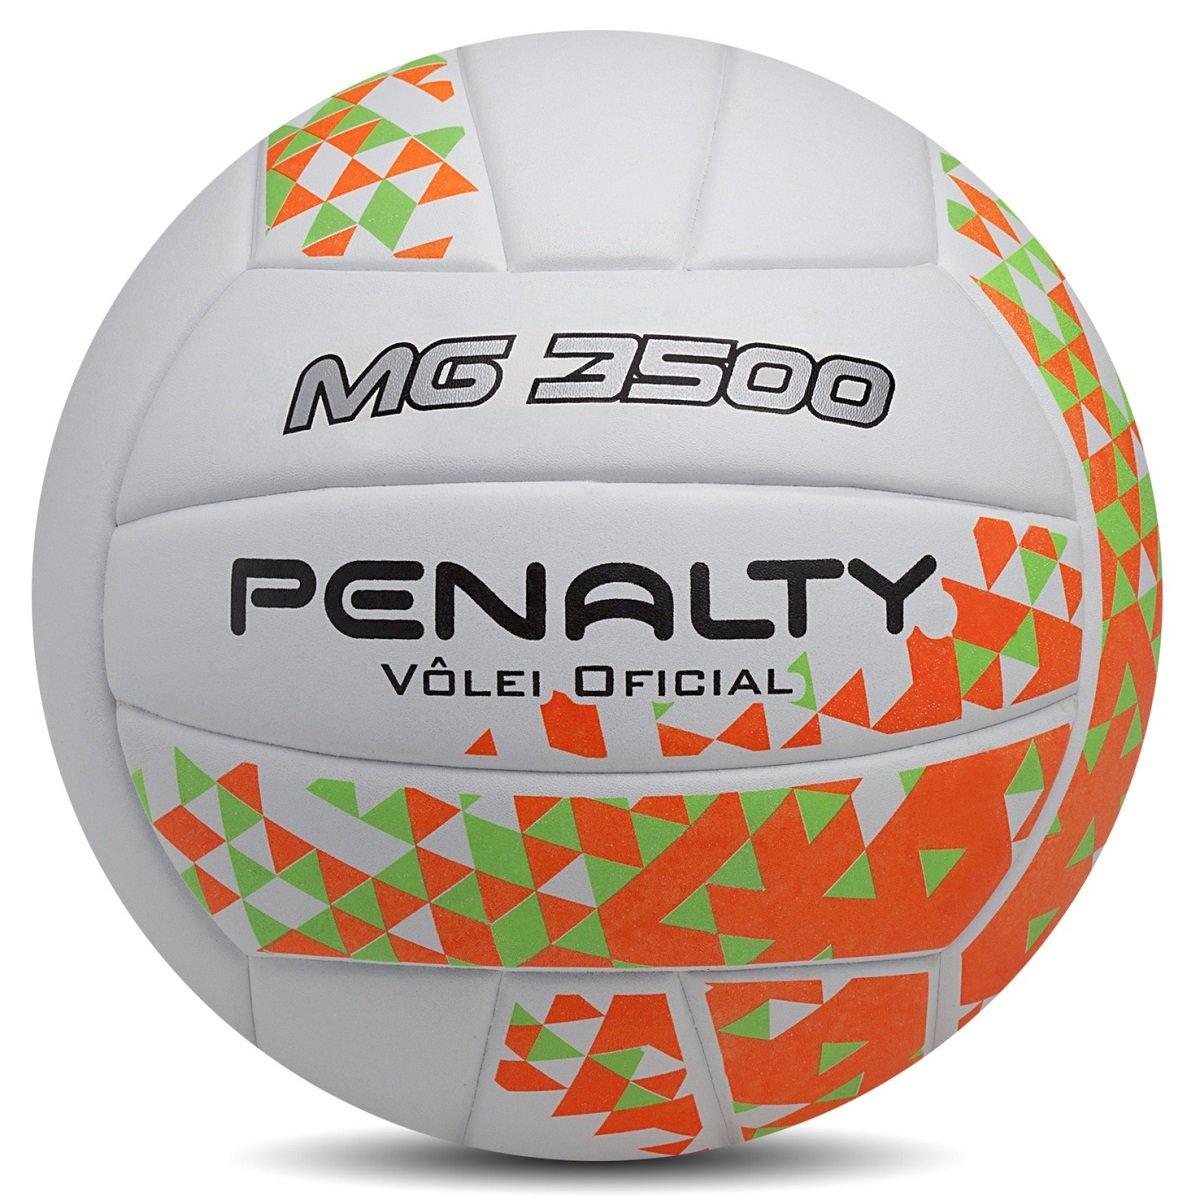 Bola Vôlei Penalty MG 3500 VIII 520315 1790 37d7907cdc614